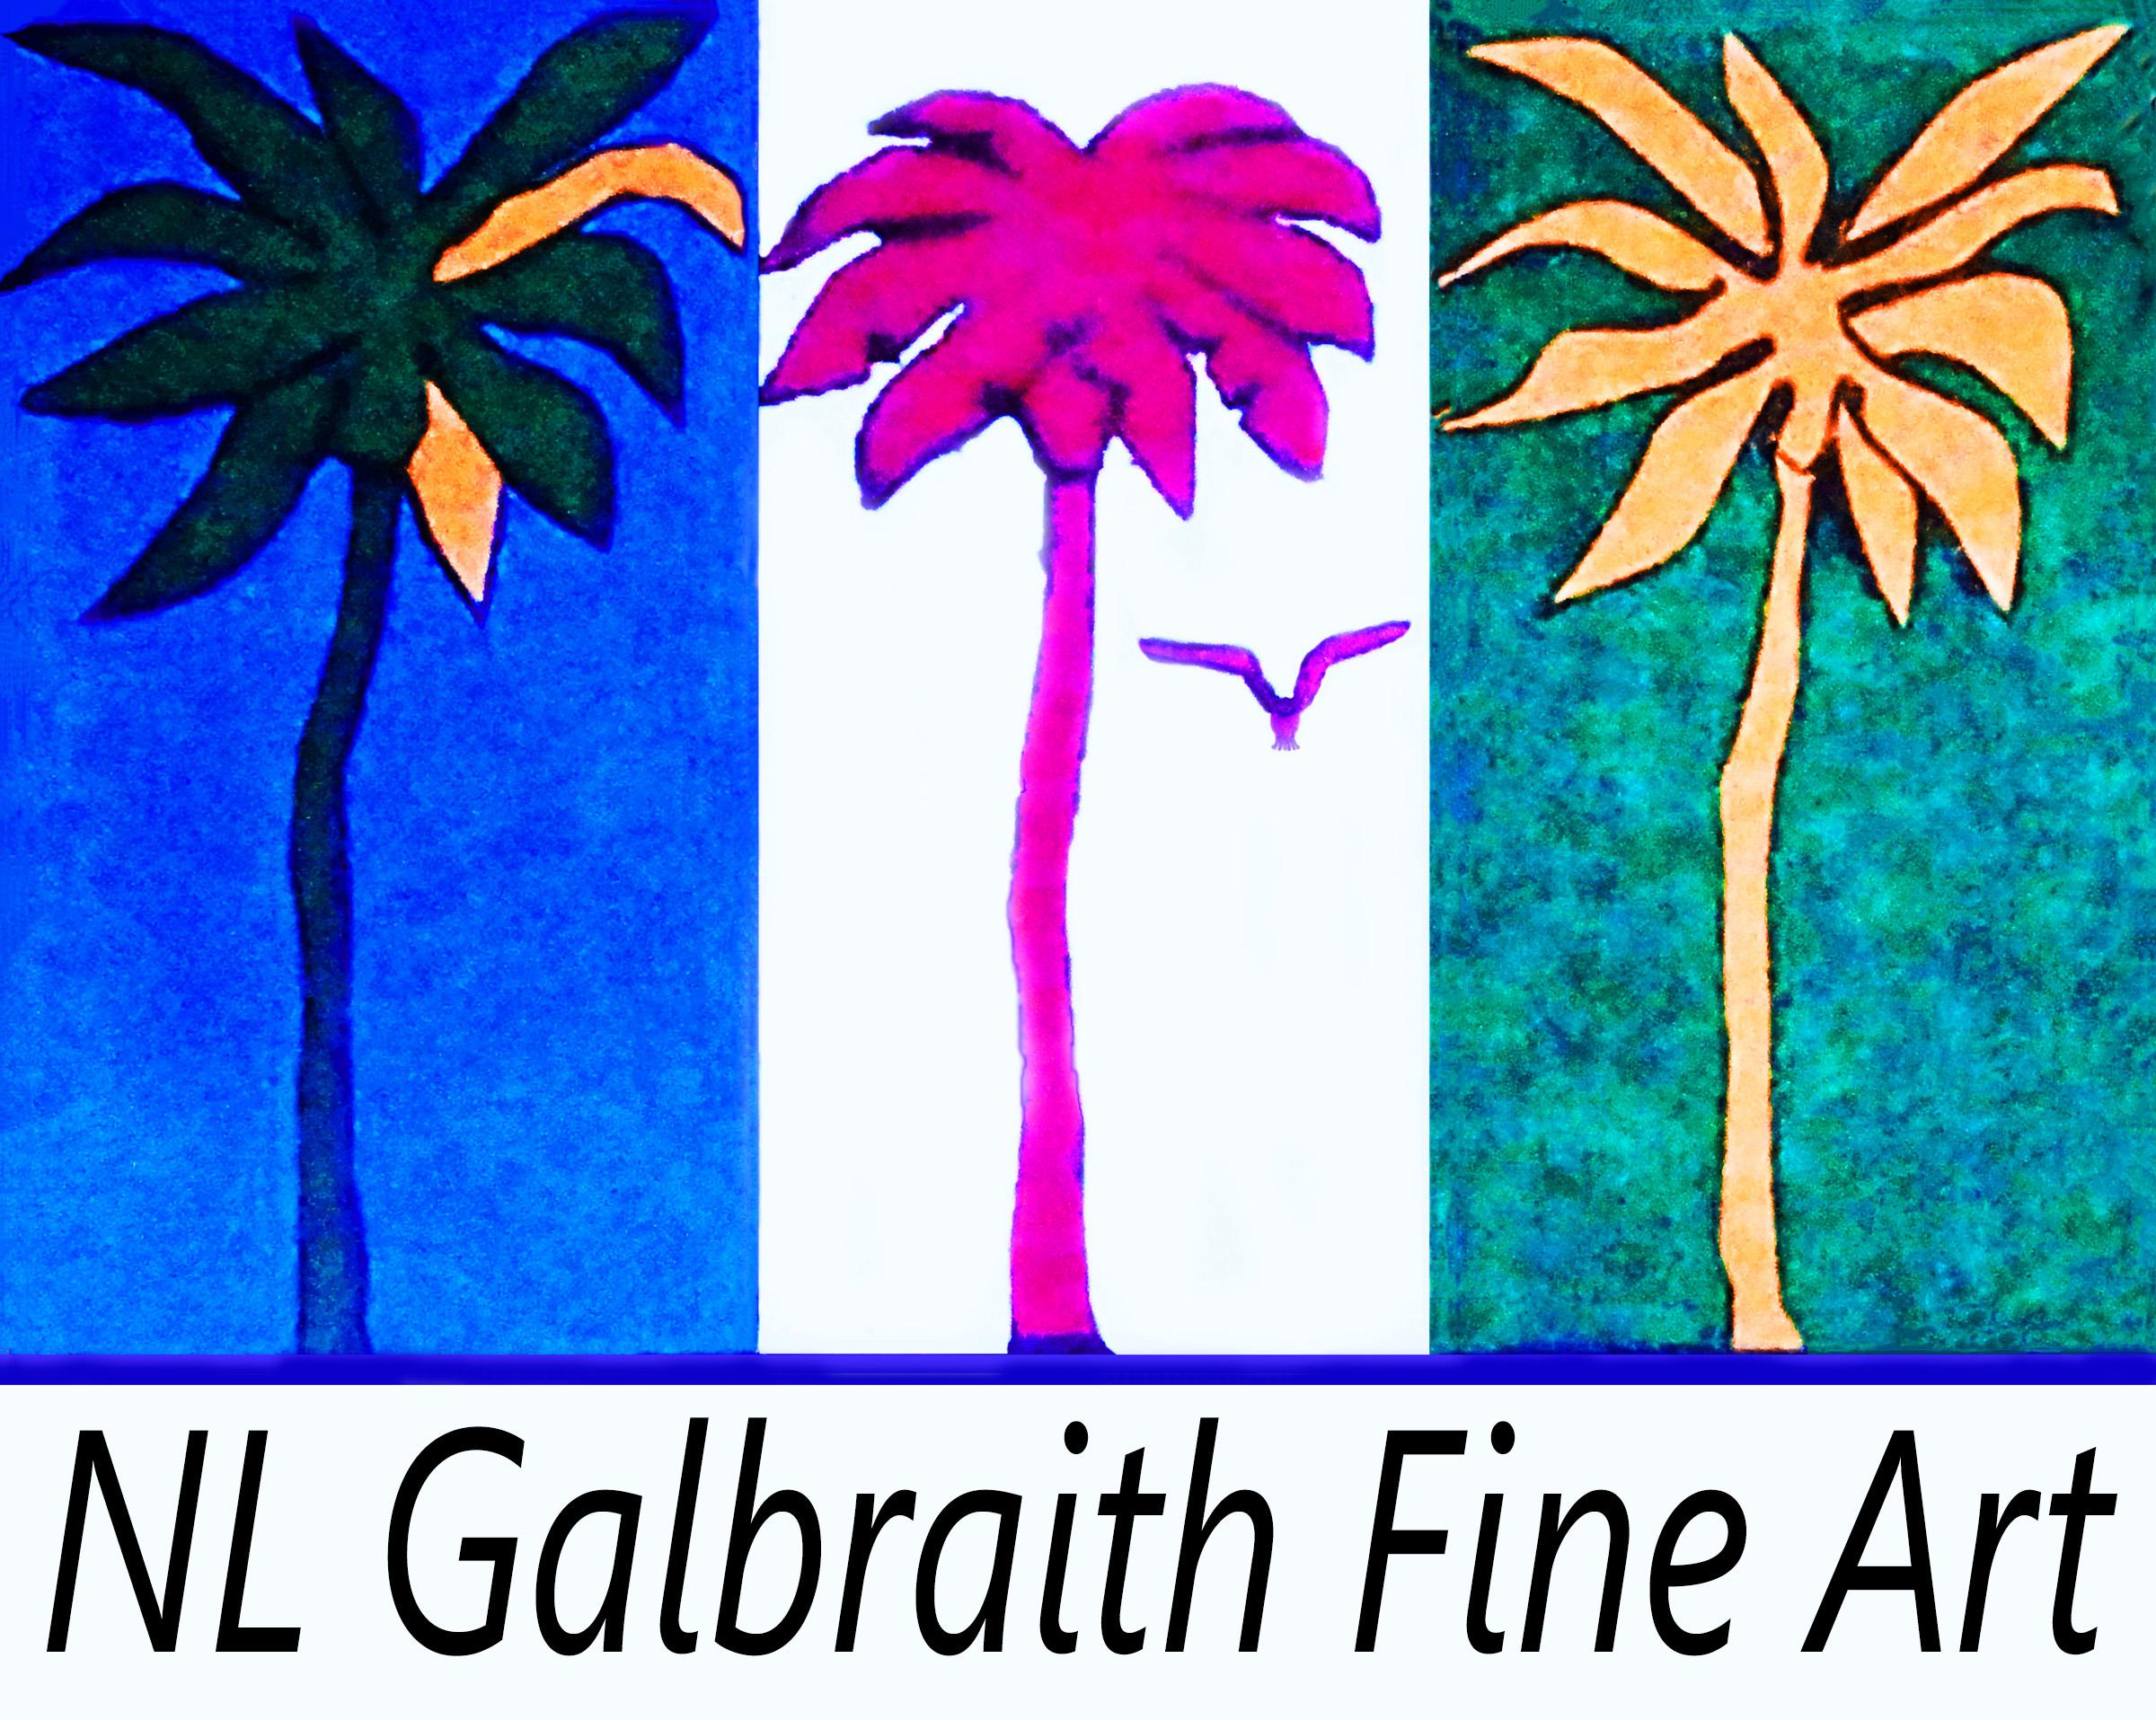 NL Galbraith